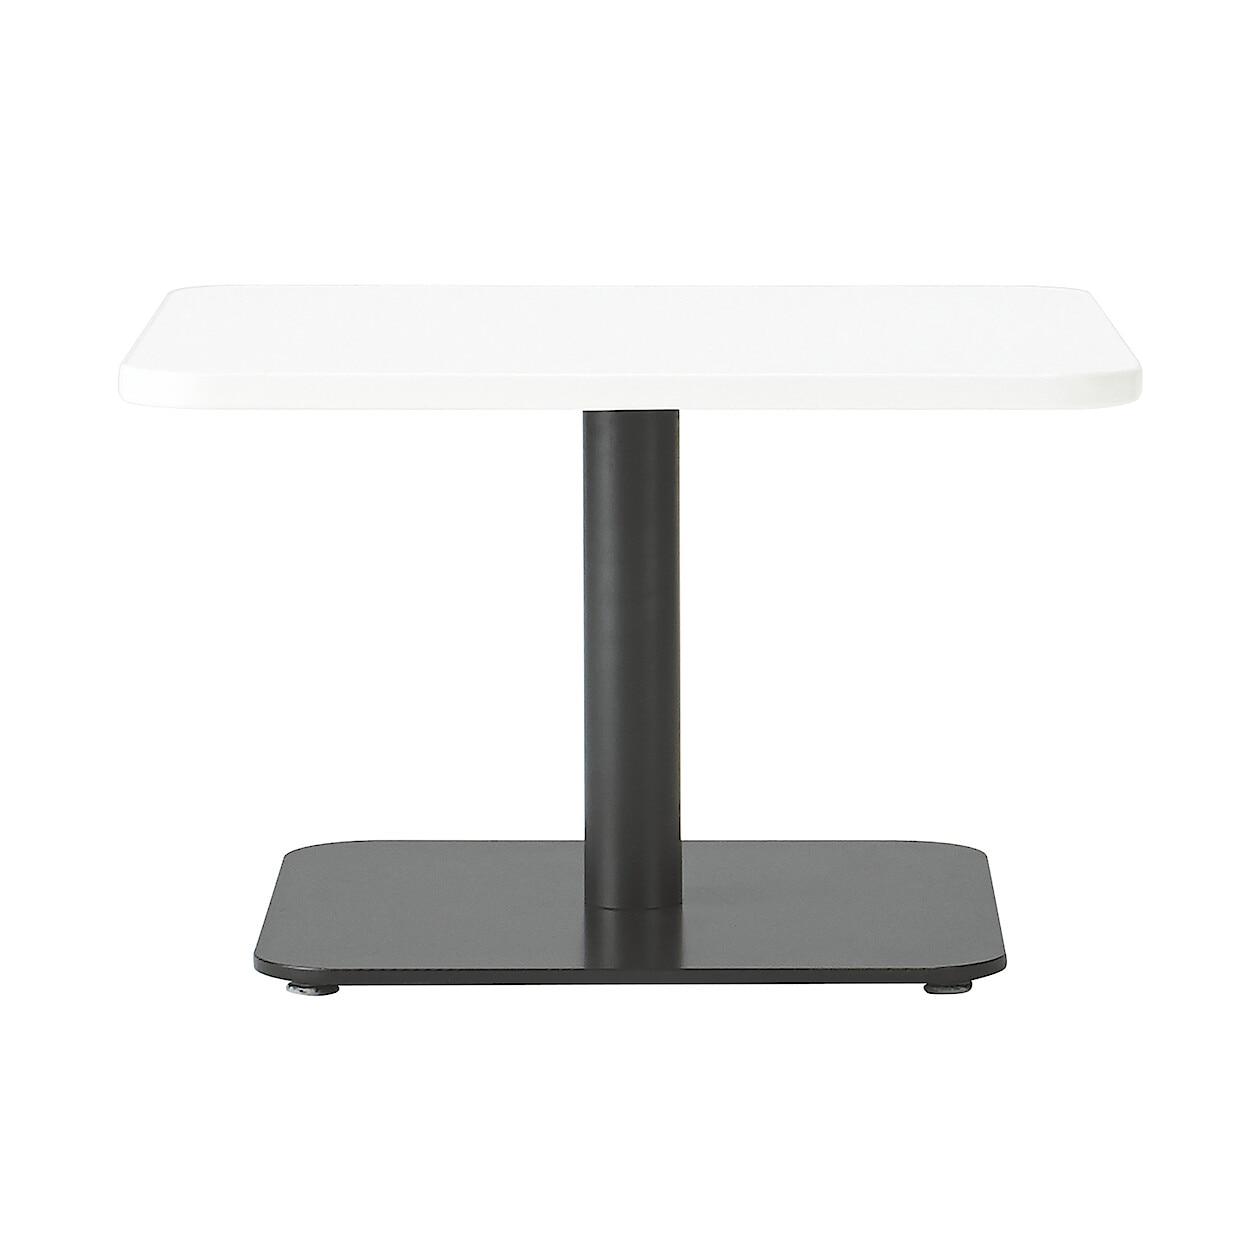 ソファベンチ用テーブル・メラミン天板の写真